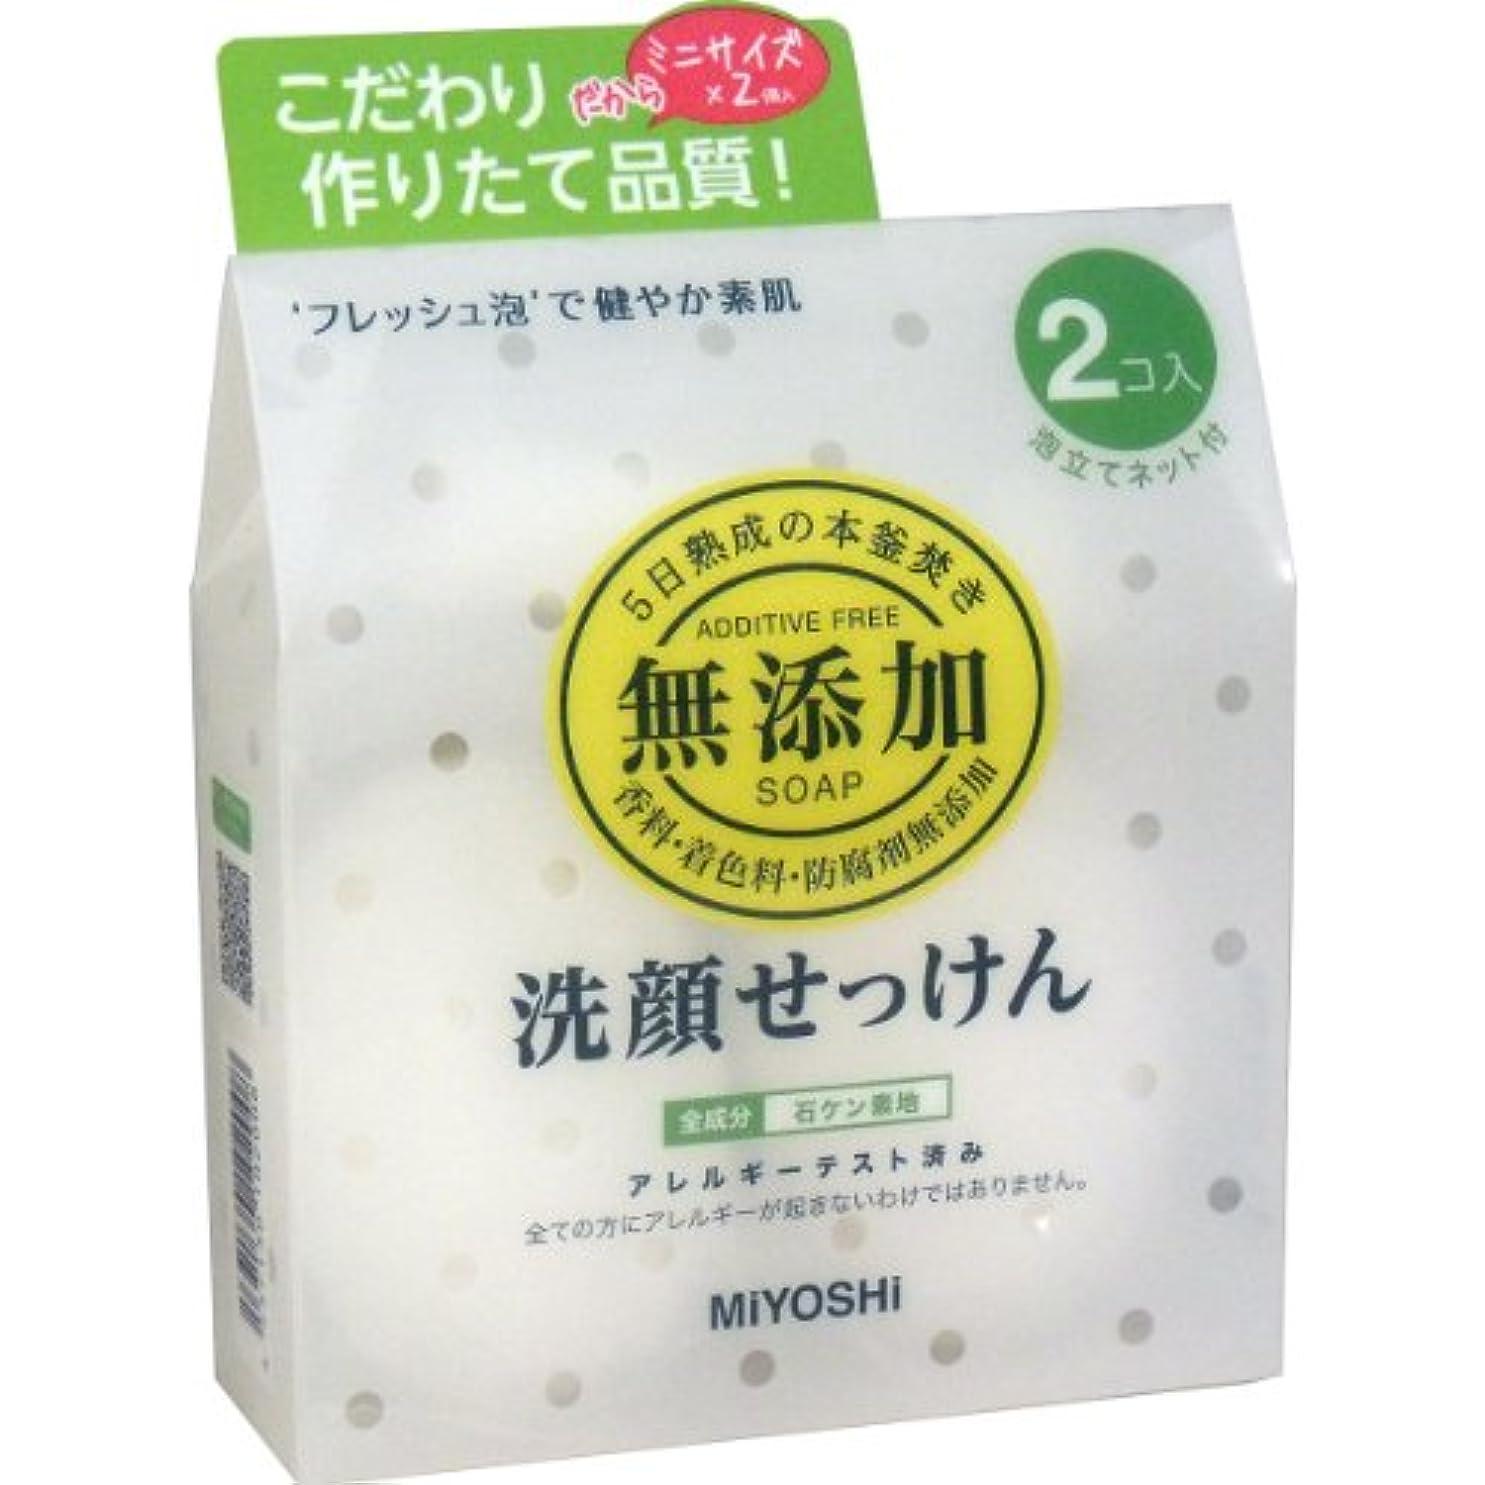 規範毎日冒険【まとめ買い】ミヨシ石鹸 無添加洗顔せっけん2個入 80g ×2セット